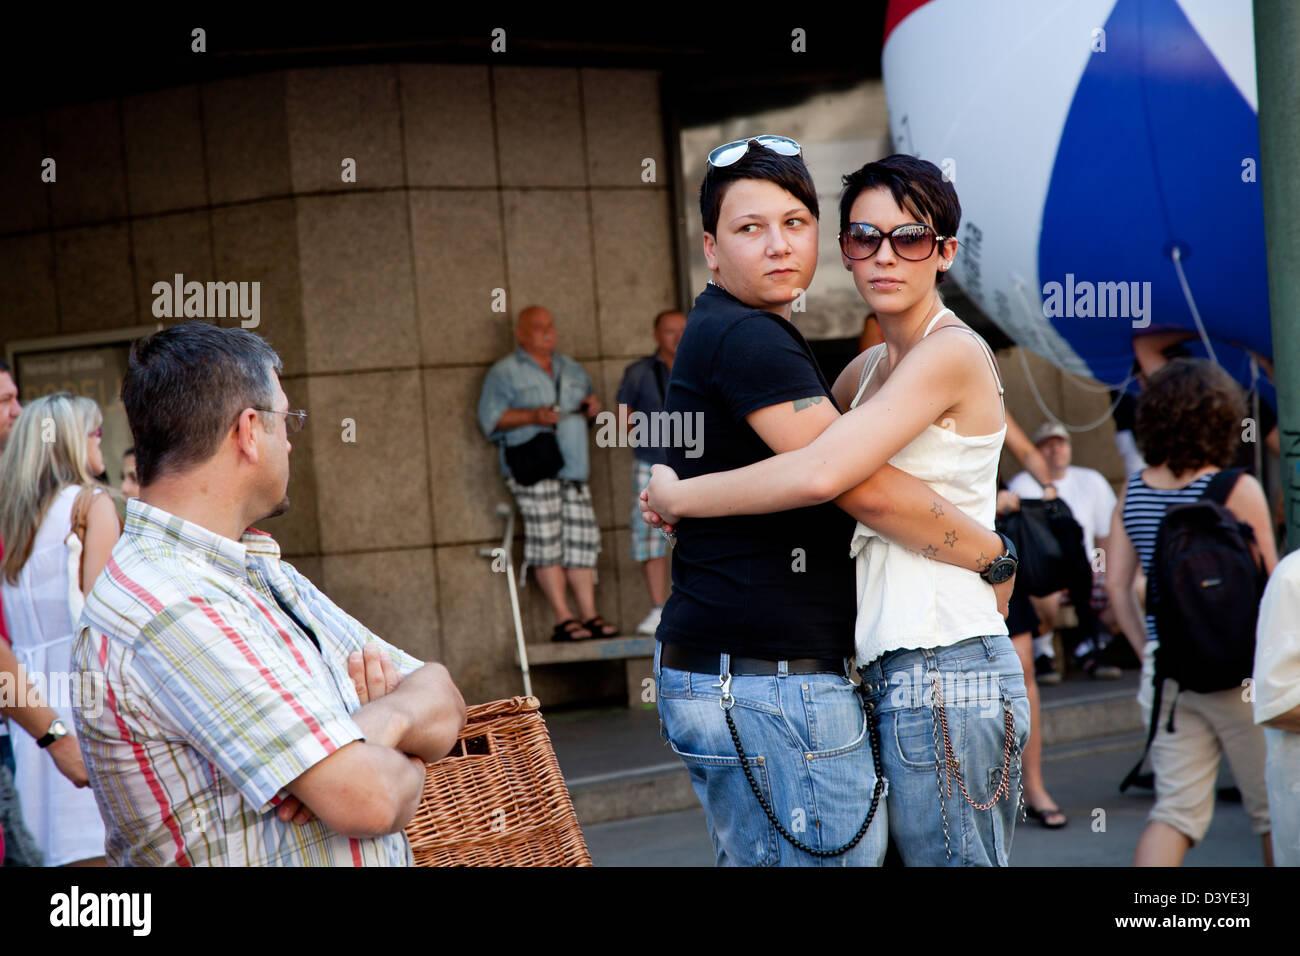 Schwule Frauen Bilder